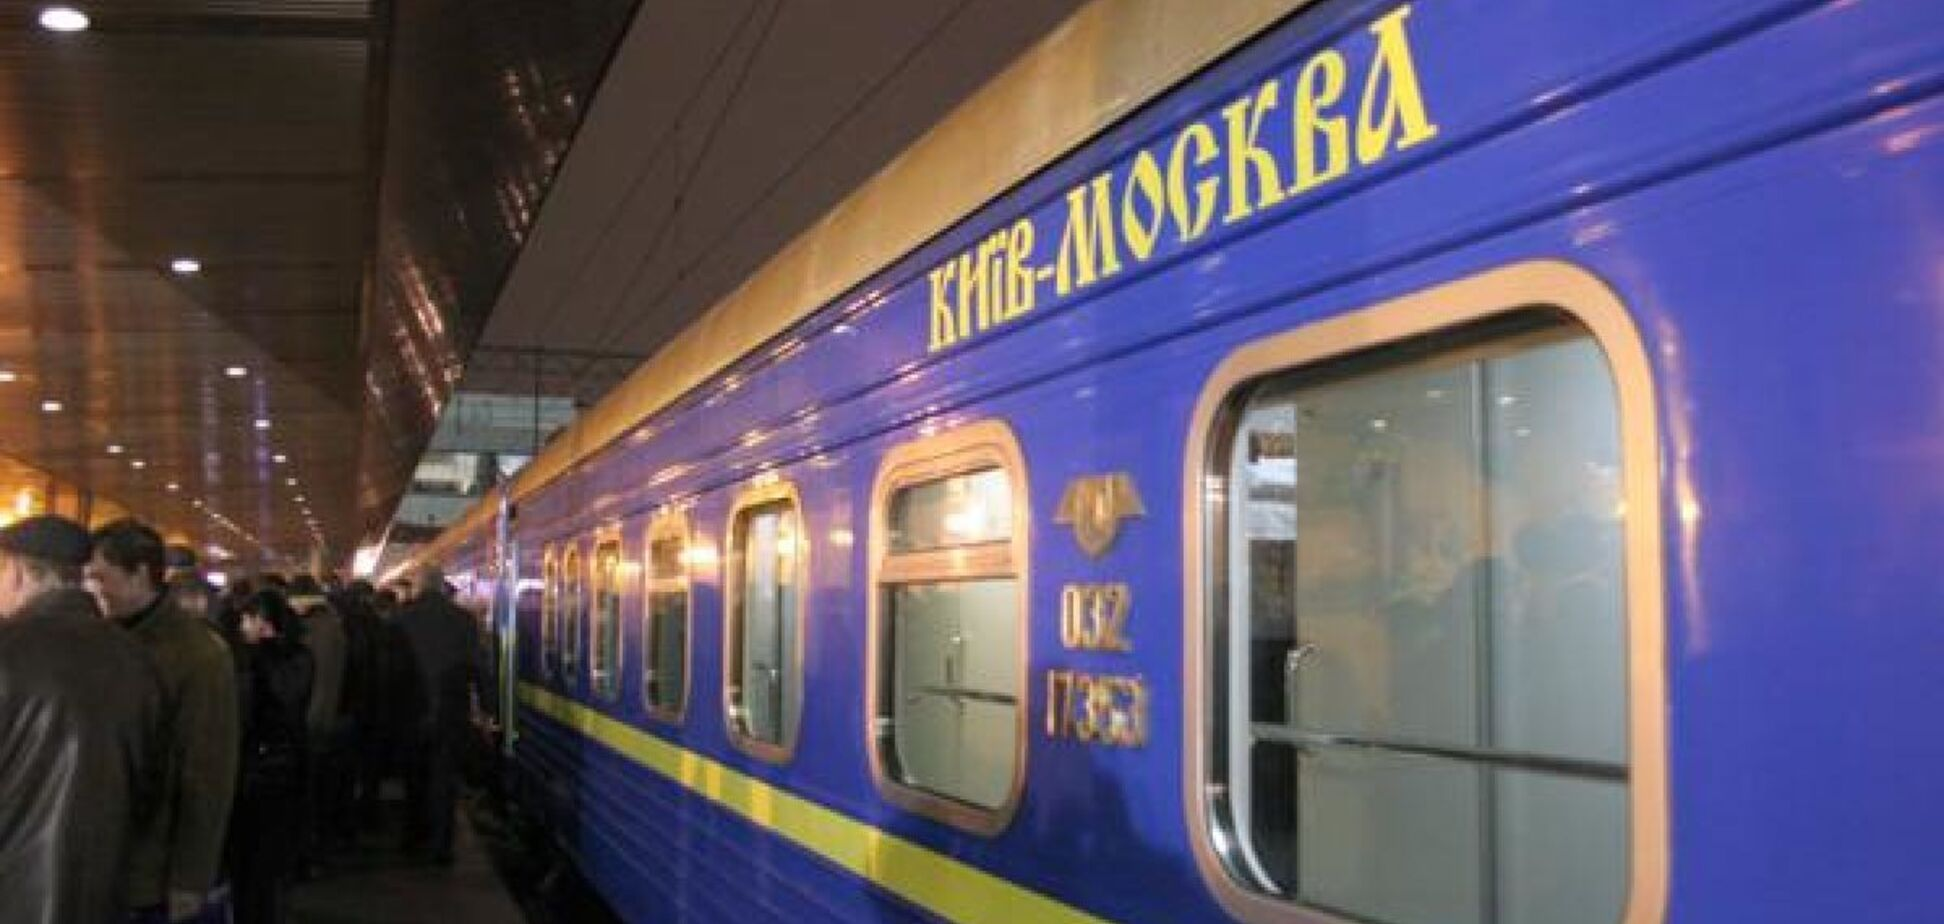 З поїзда Київ – Москва зняли жінку із симптомами коронавірусу: на карантині весь вагон